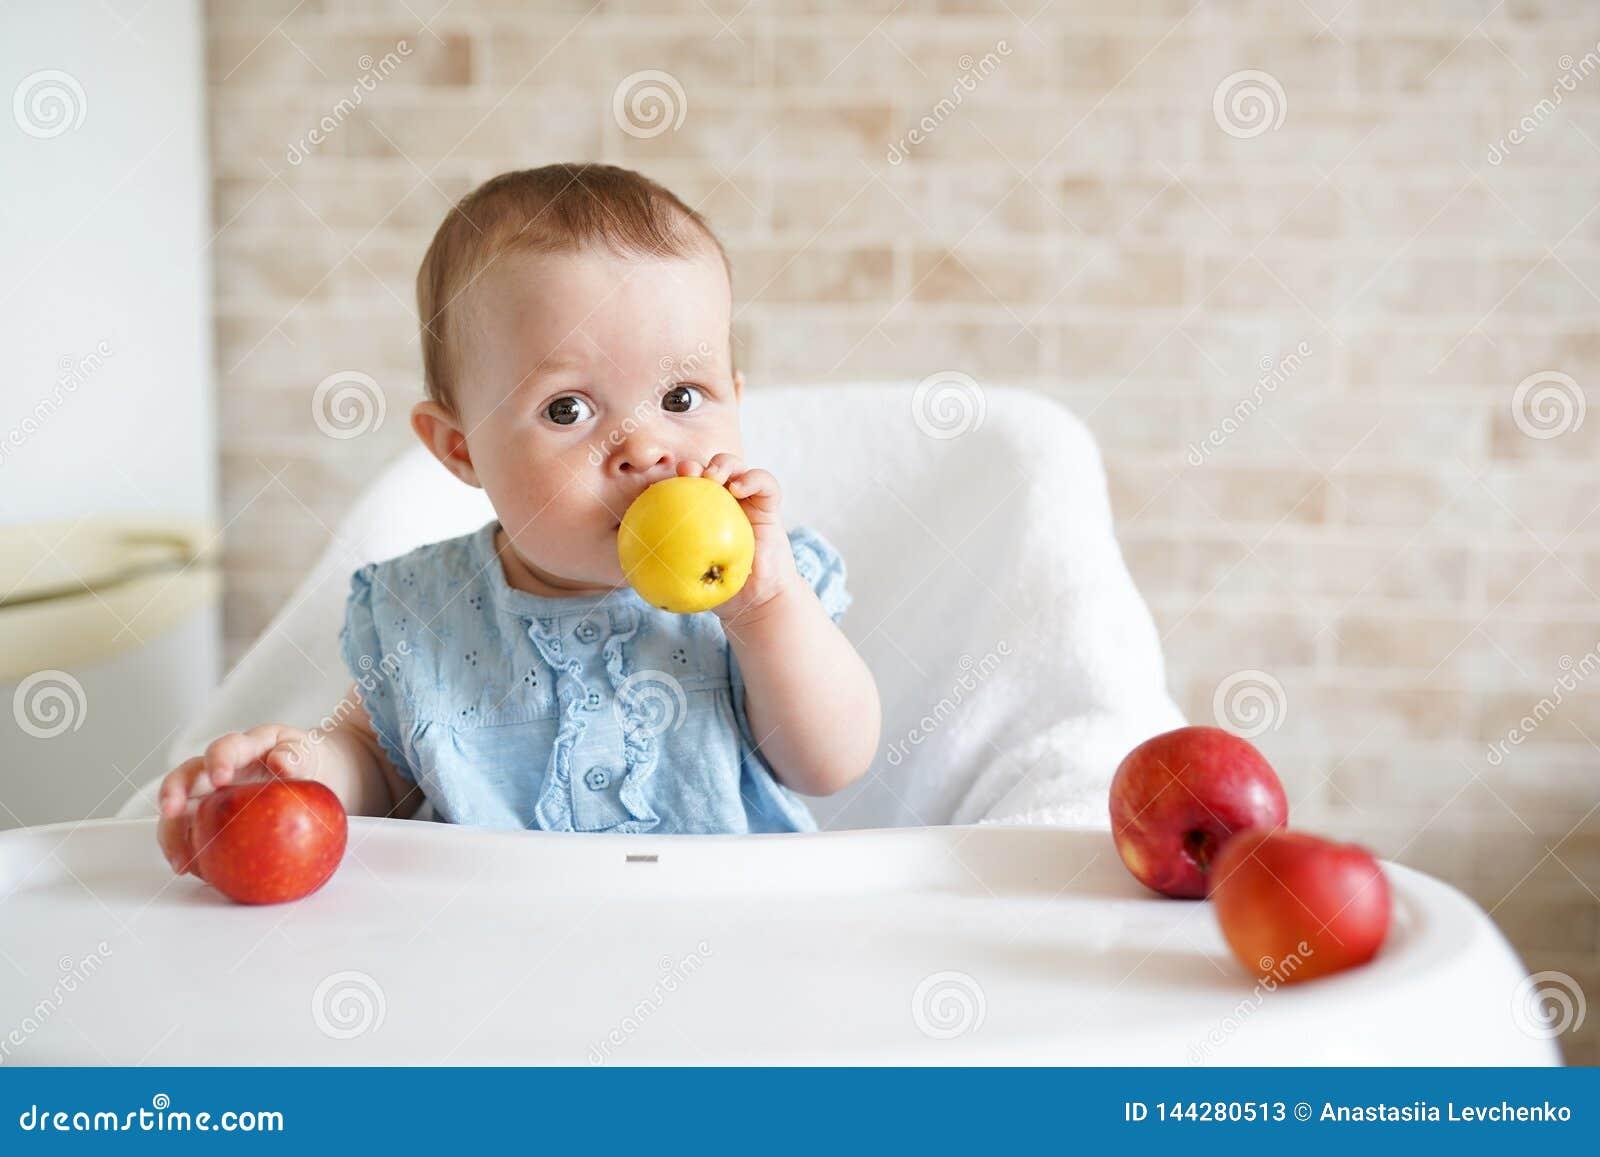 Behandla som ett barn äta frukt Liten flicka som biter det gula äpplet som sitter i vit hög stol i soligt kök Sund näring för ung